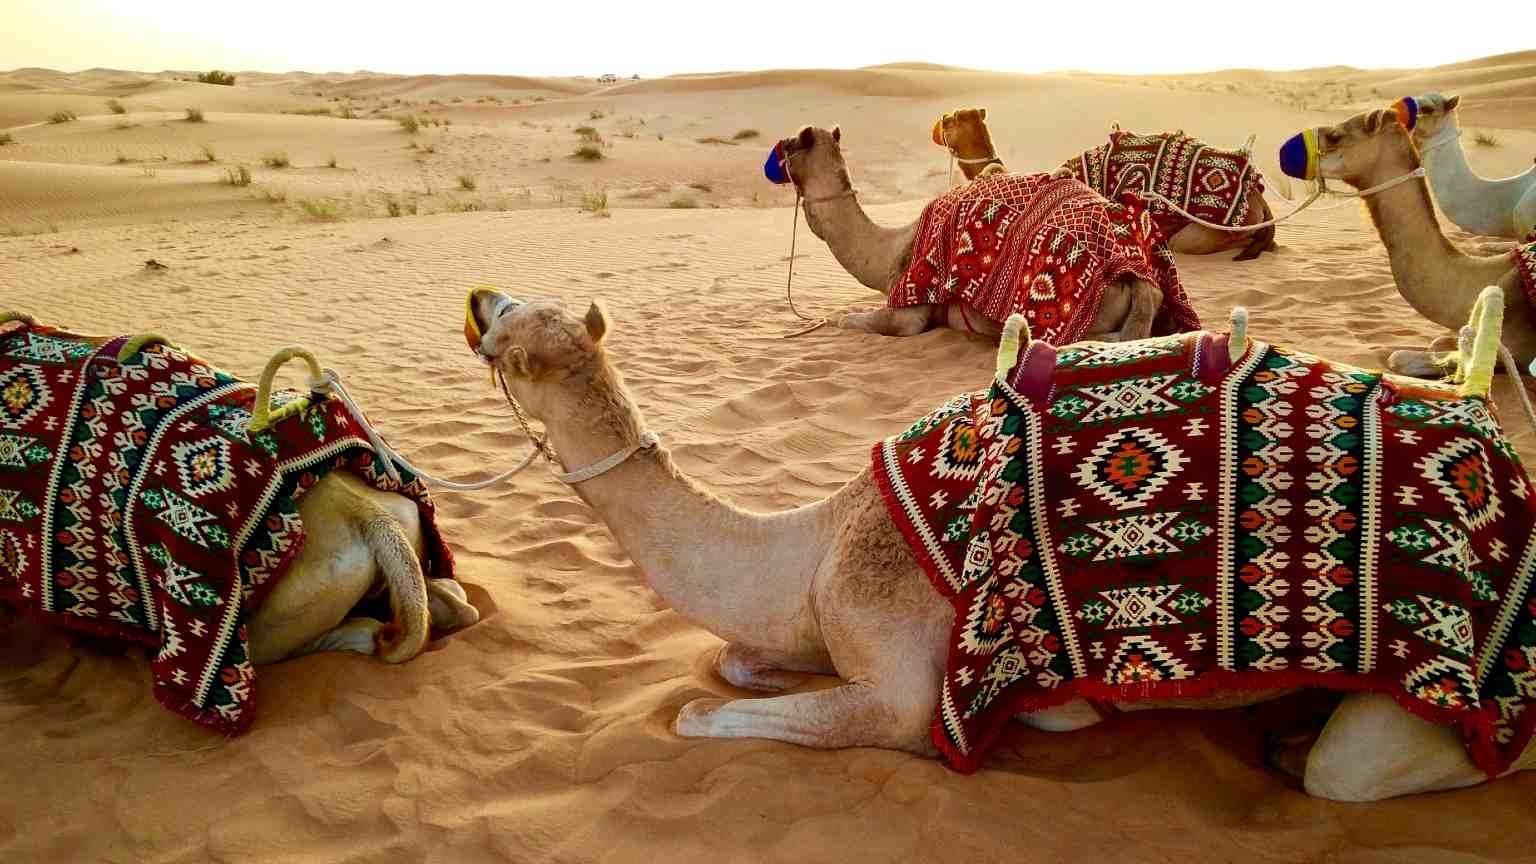 Camels in the desert near Dubai, UAE